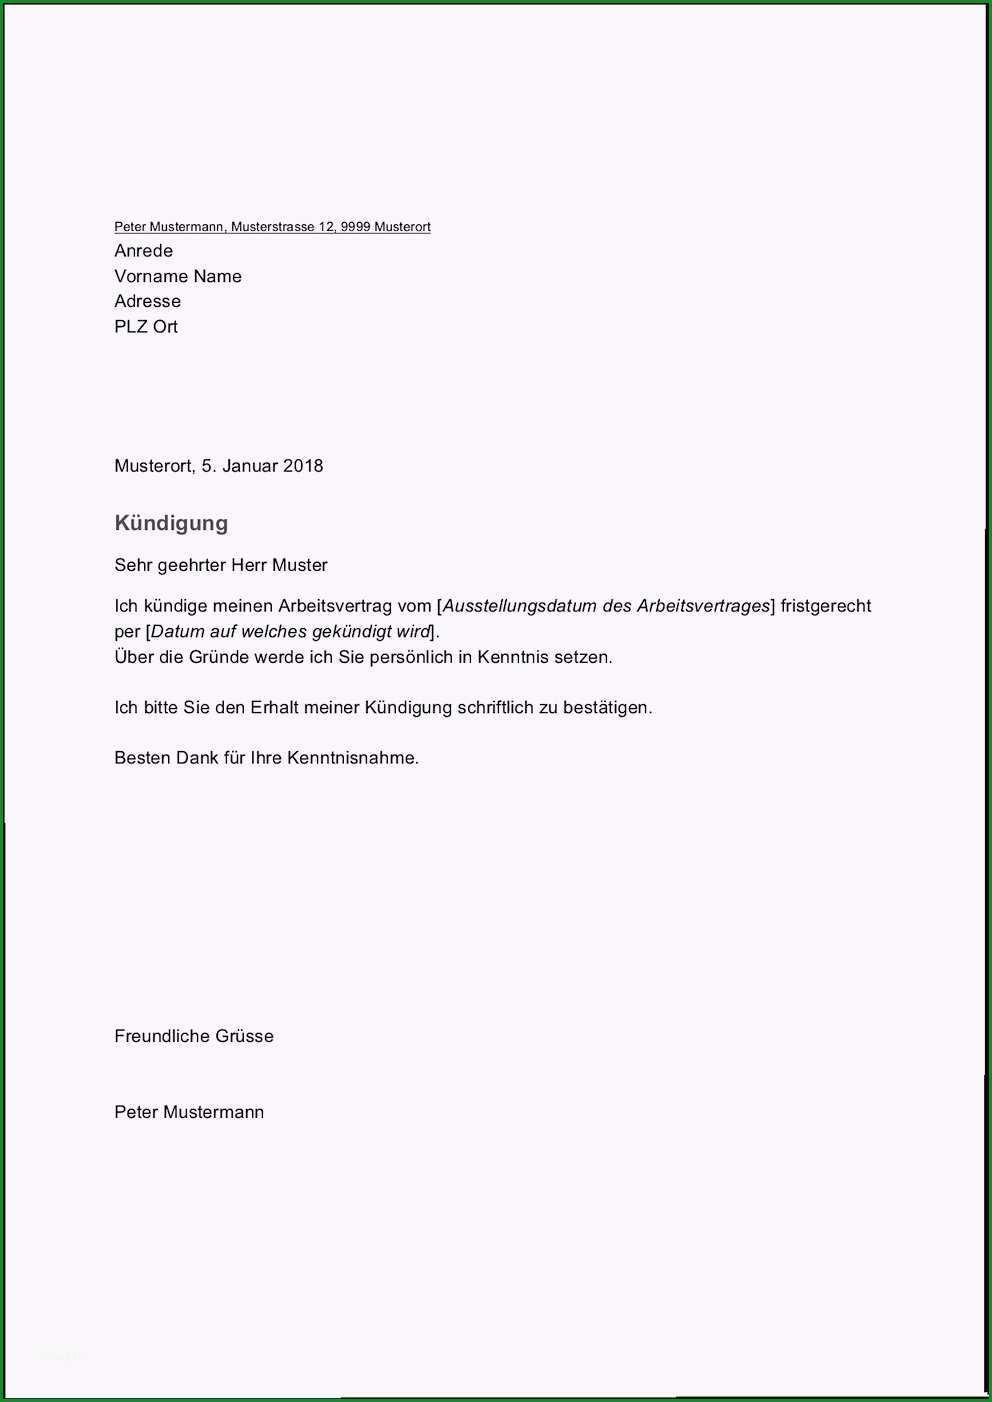 vorlage kundigungsschreiben arbeitnehmer wunderbar kundigung arbeitsvertrag beispiel lm63